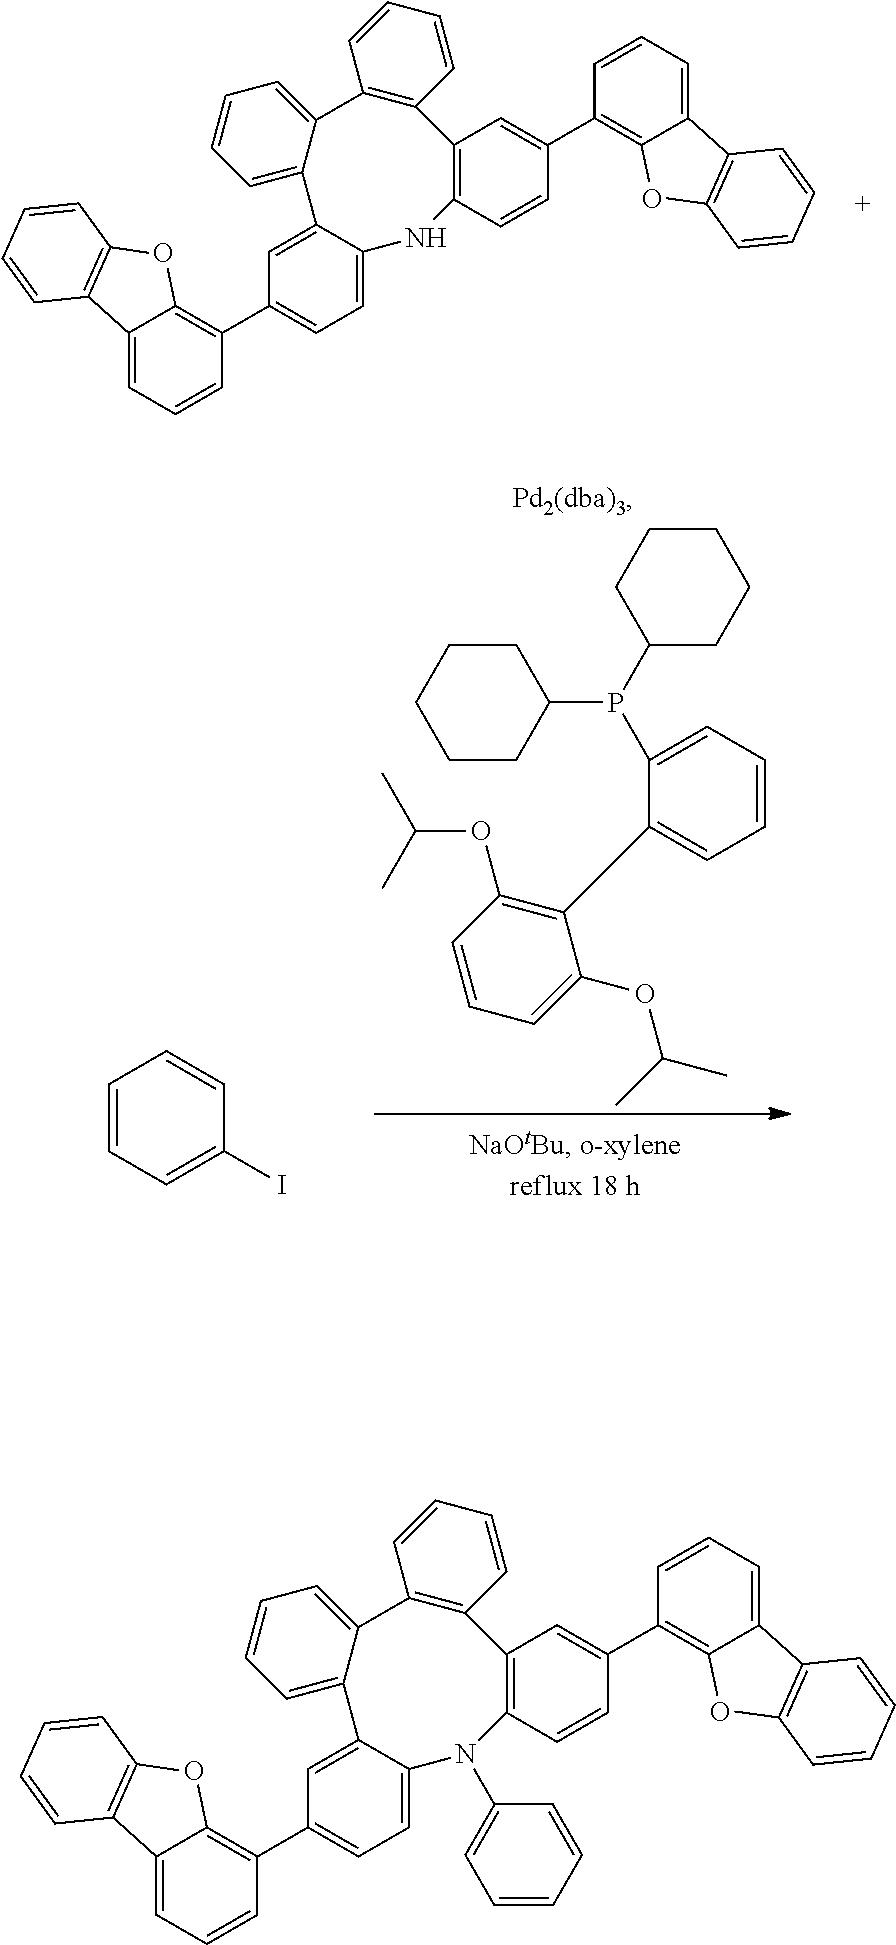 Figure US09978956-20180522-C00117